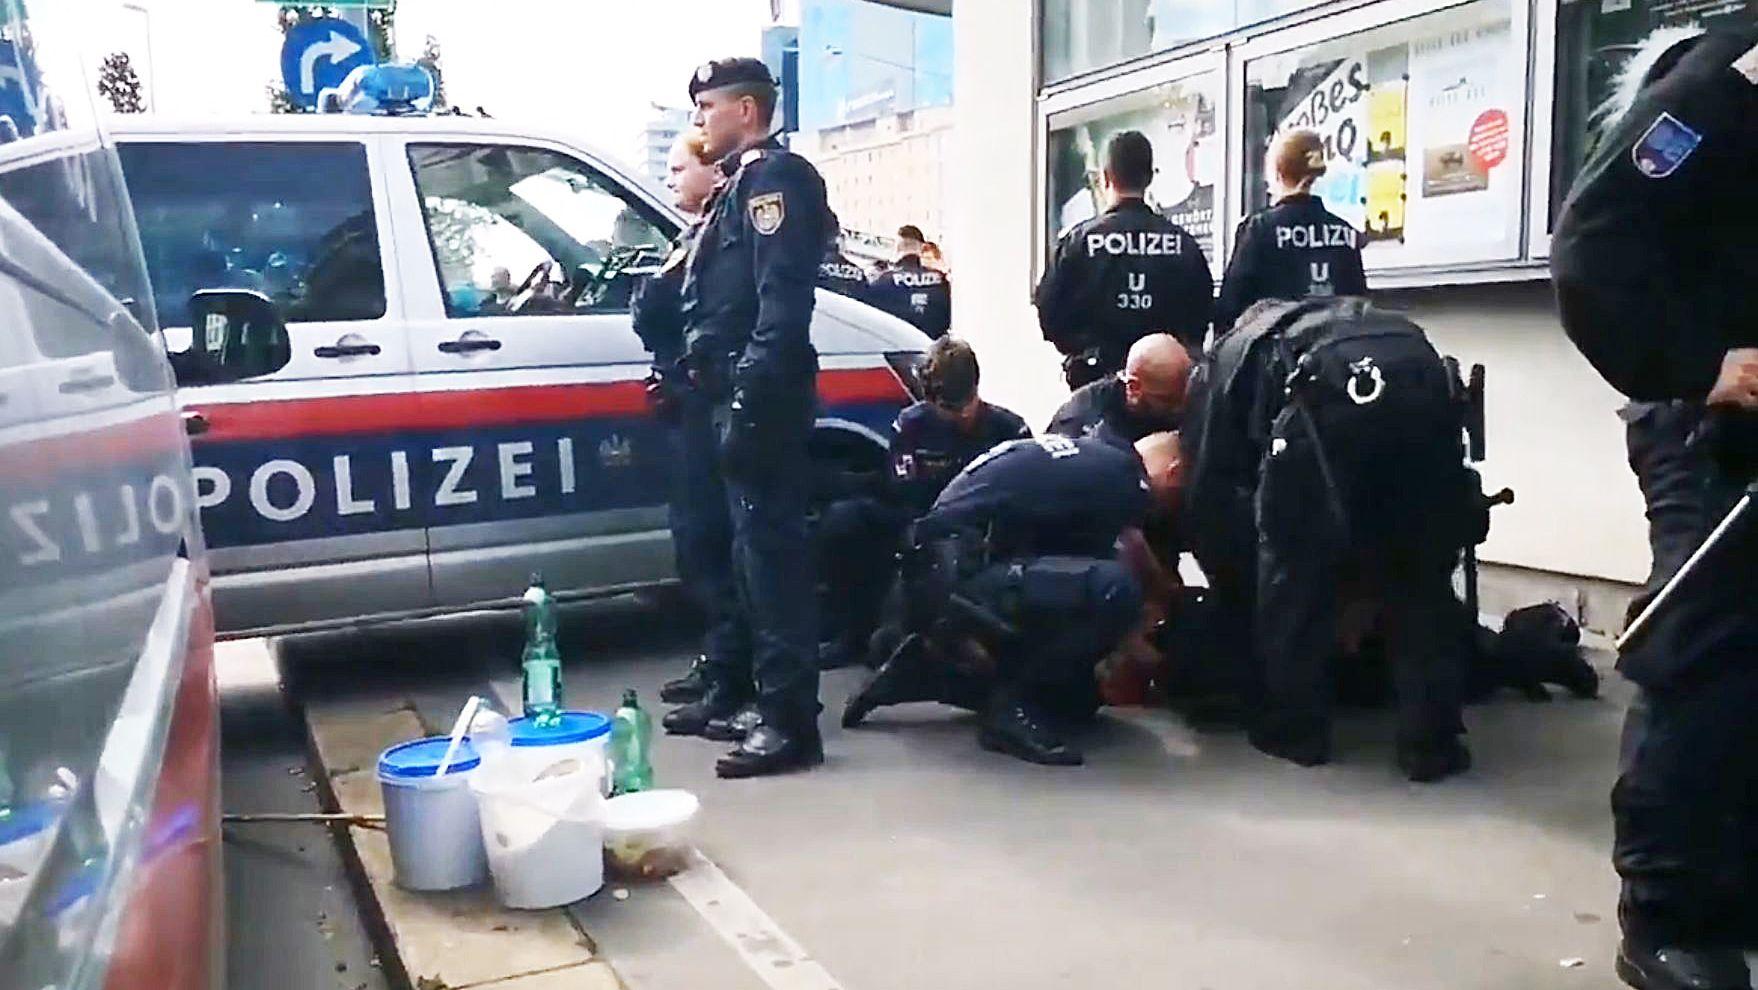 Hat ein Polizist in Wien auf einen fixierten Mann eingeschlagen?